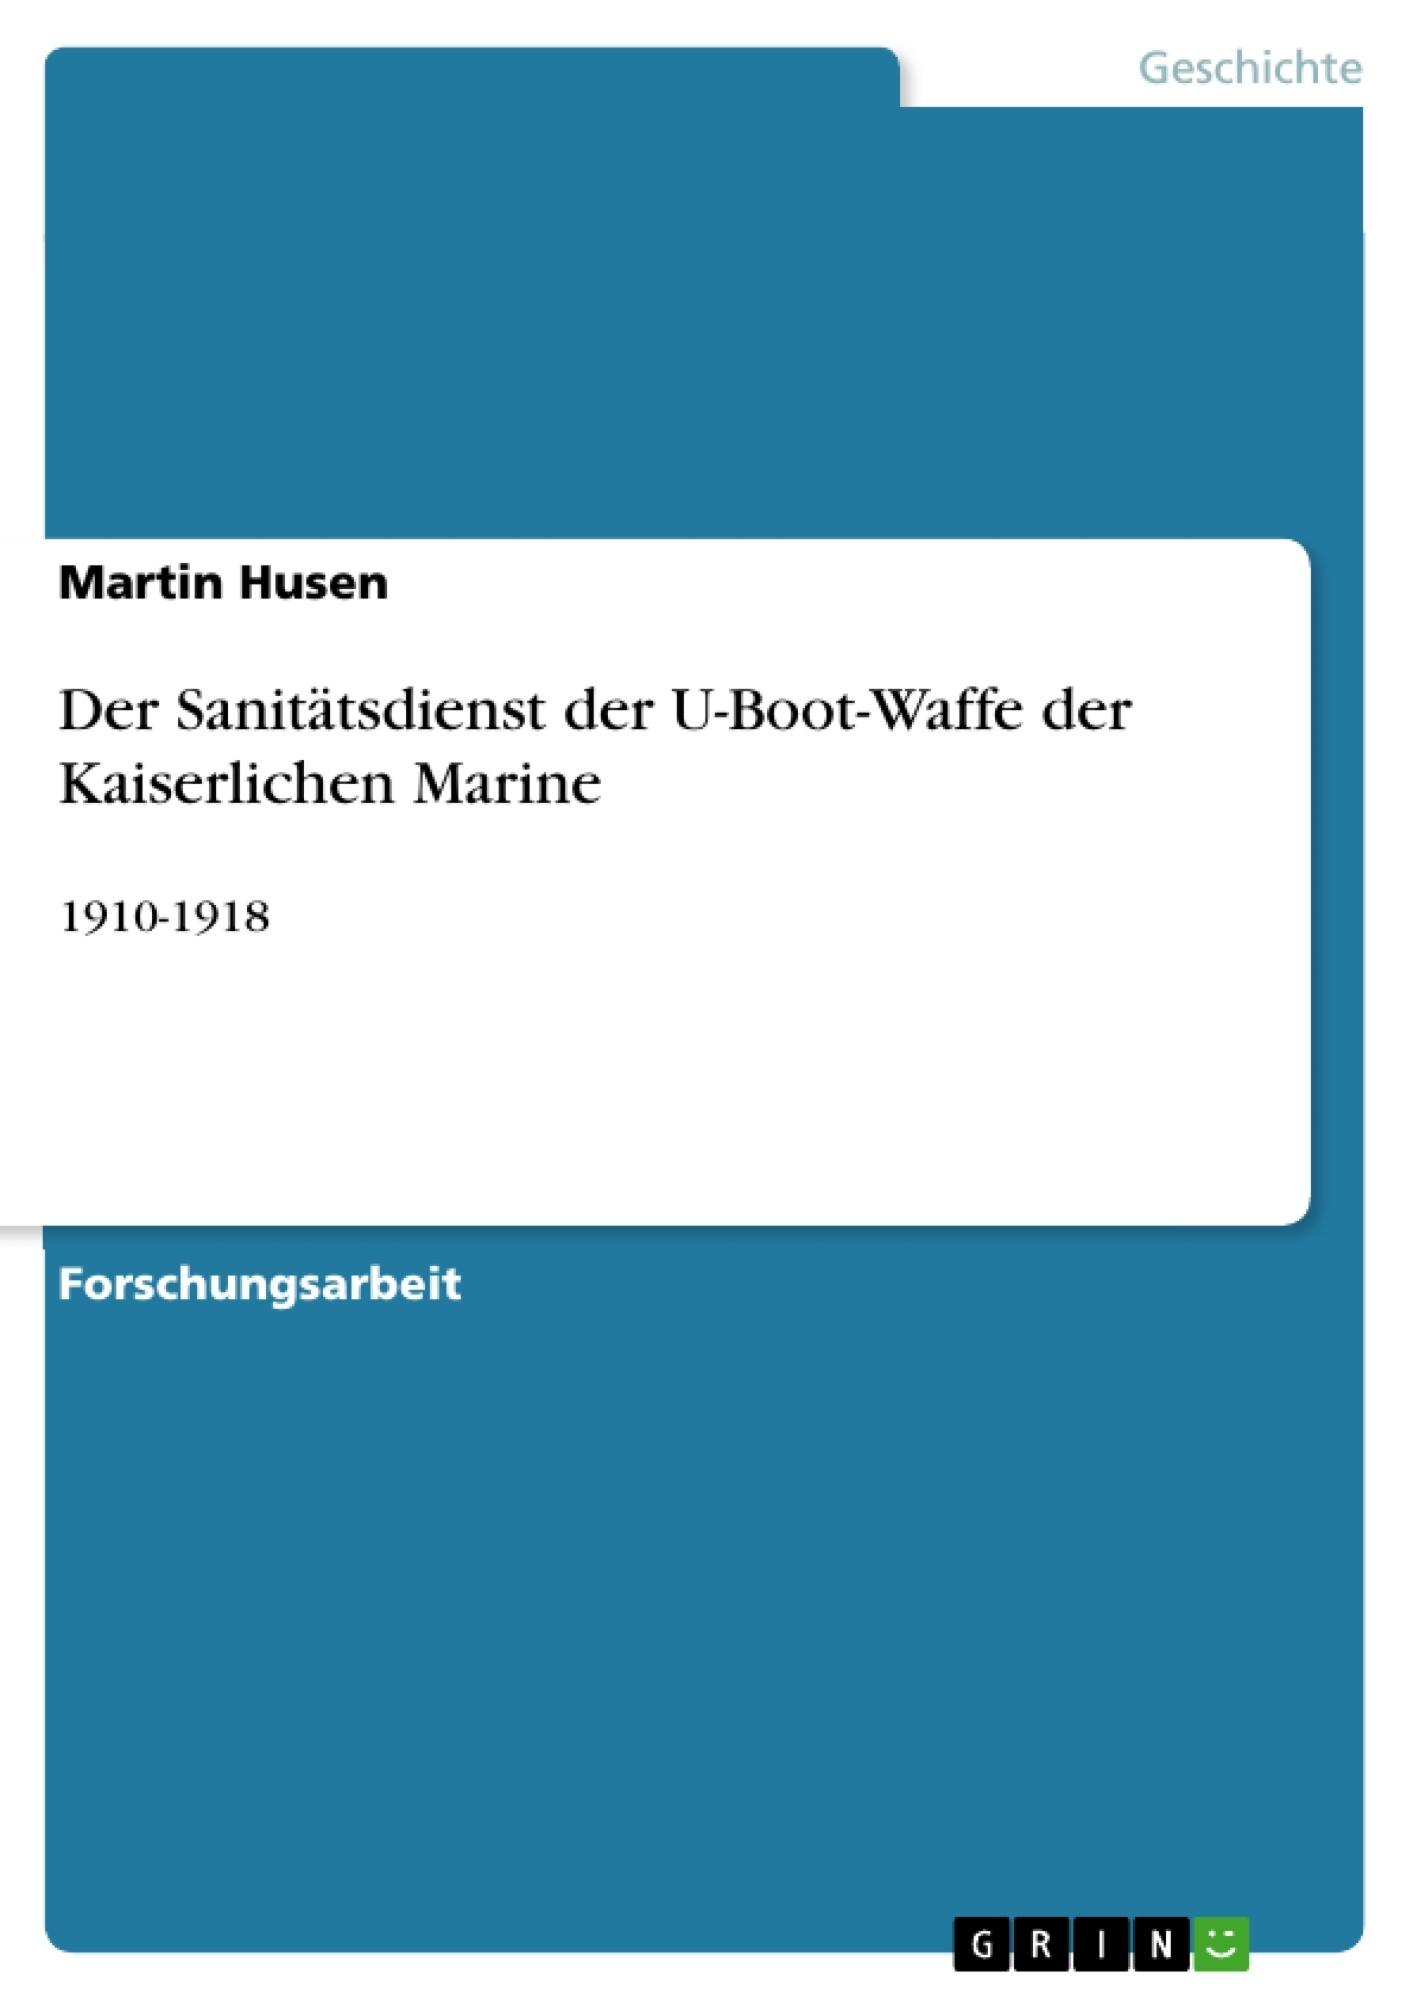 Titel: Der Sanitätsdienst der U-Boot-Waffe der Kaiserlichen Marine